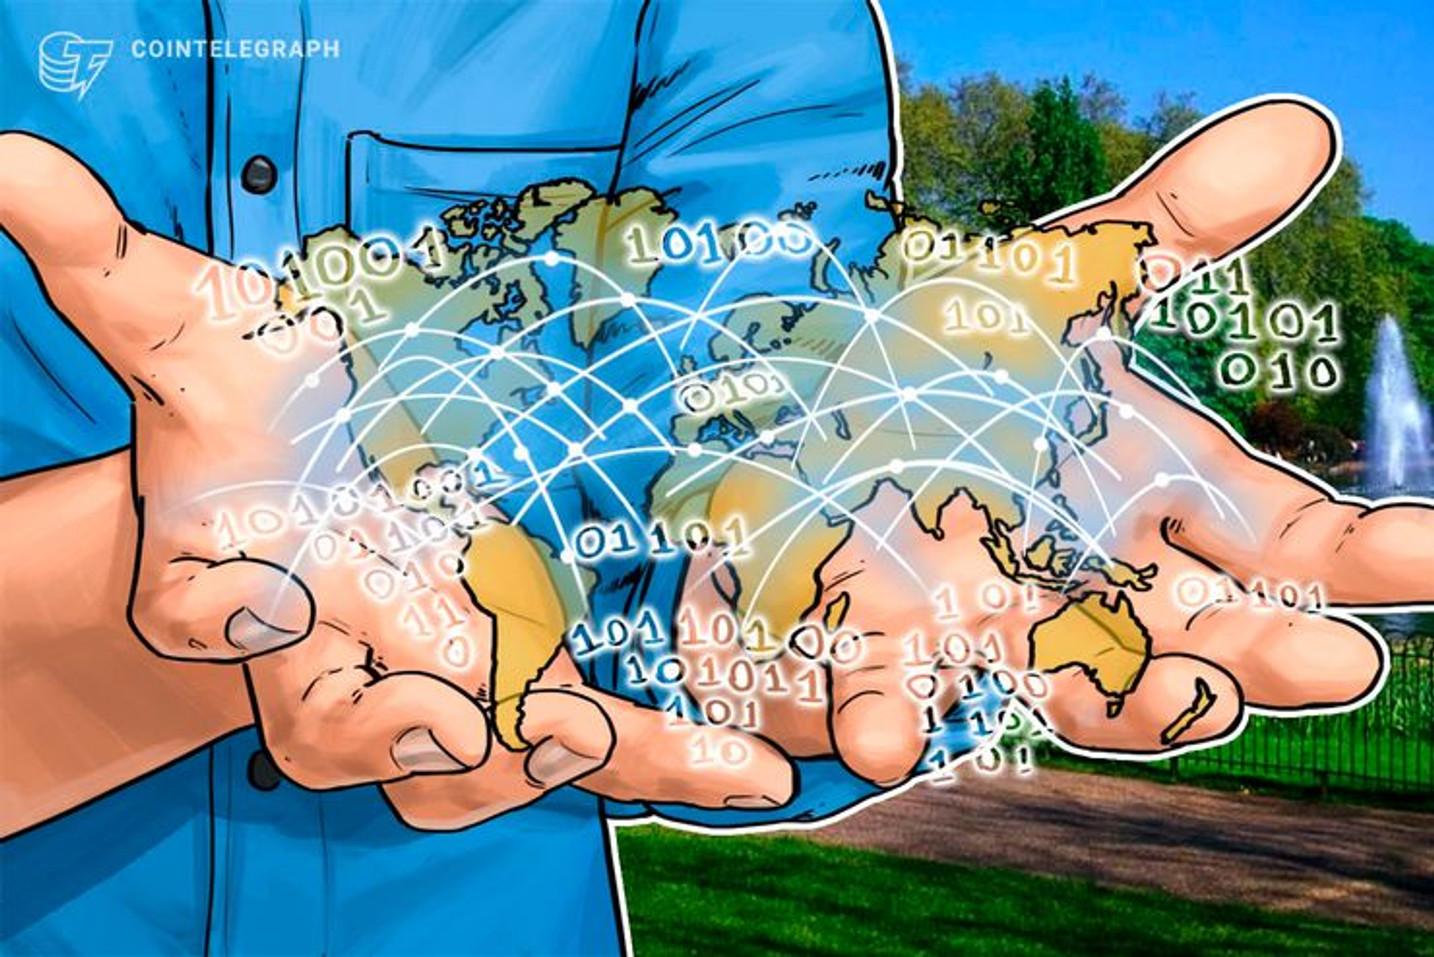 Forschungsinstitut für Kryptoökonomie der WU Wien startet Bitcoin-Validierungsnode